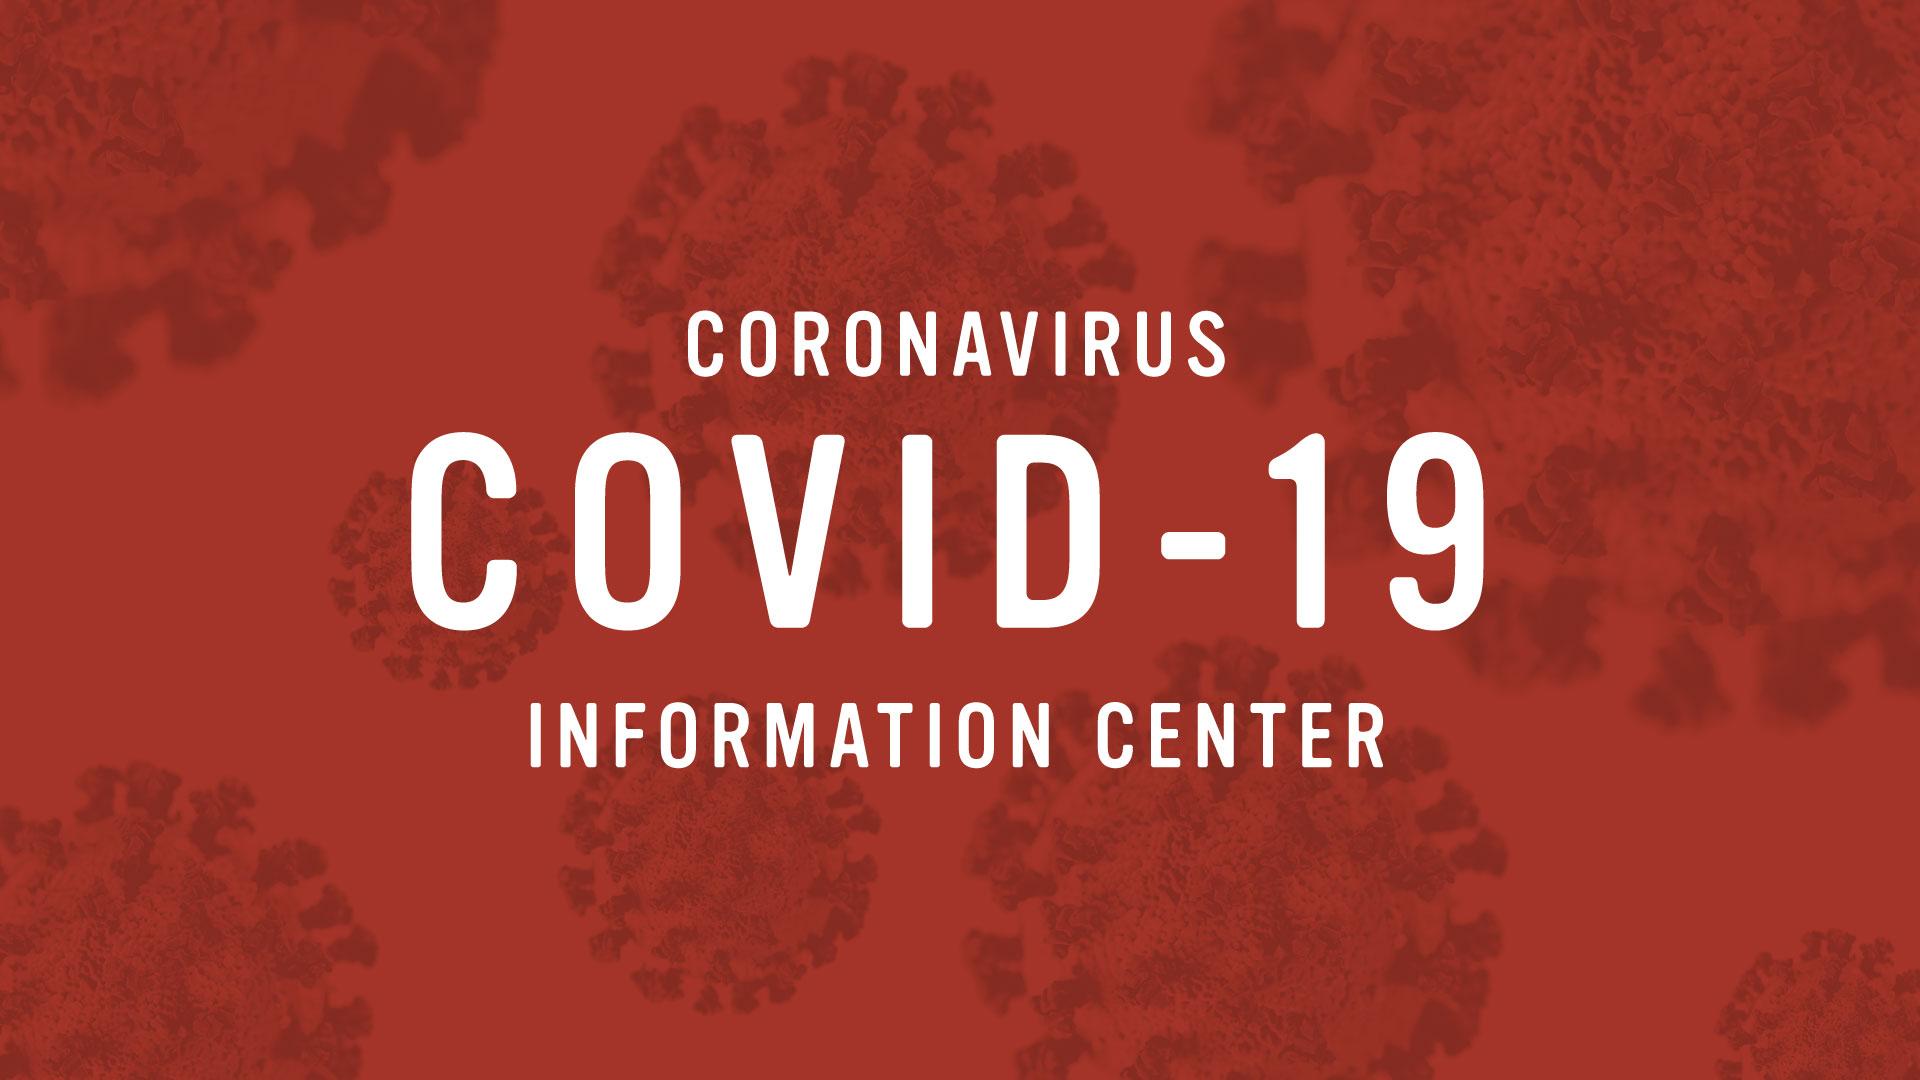 Turkey reports 1,716 new coronavirus cases